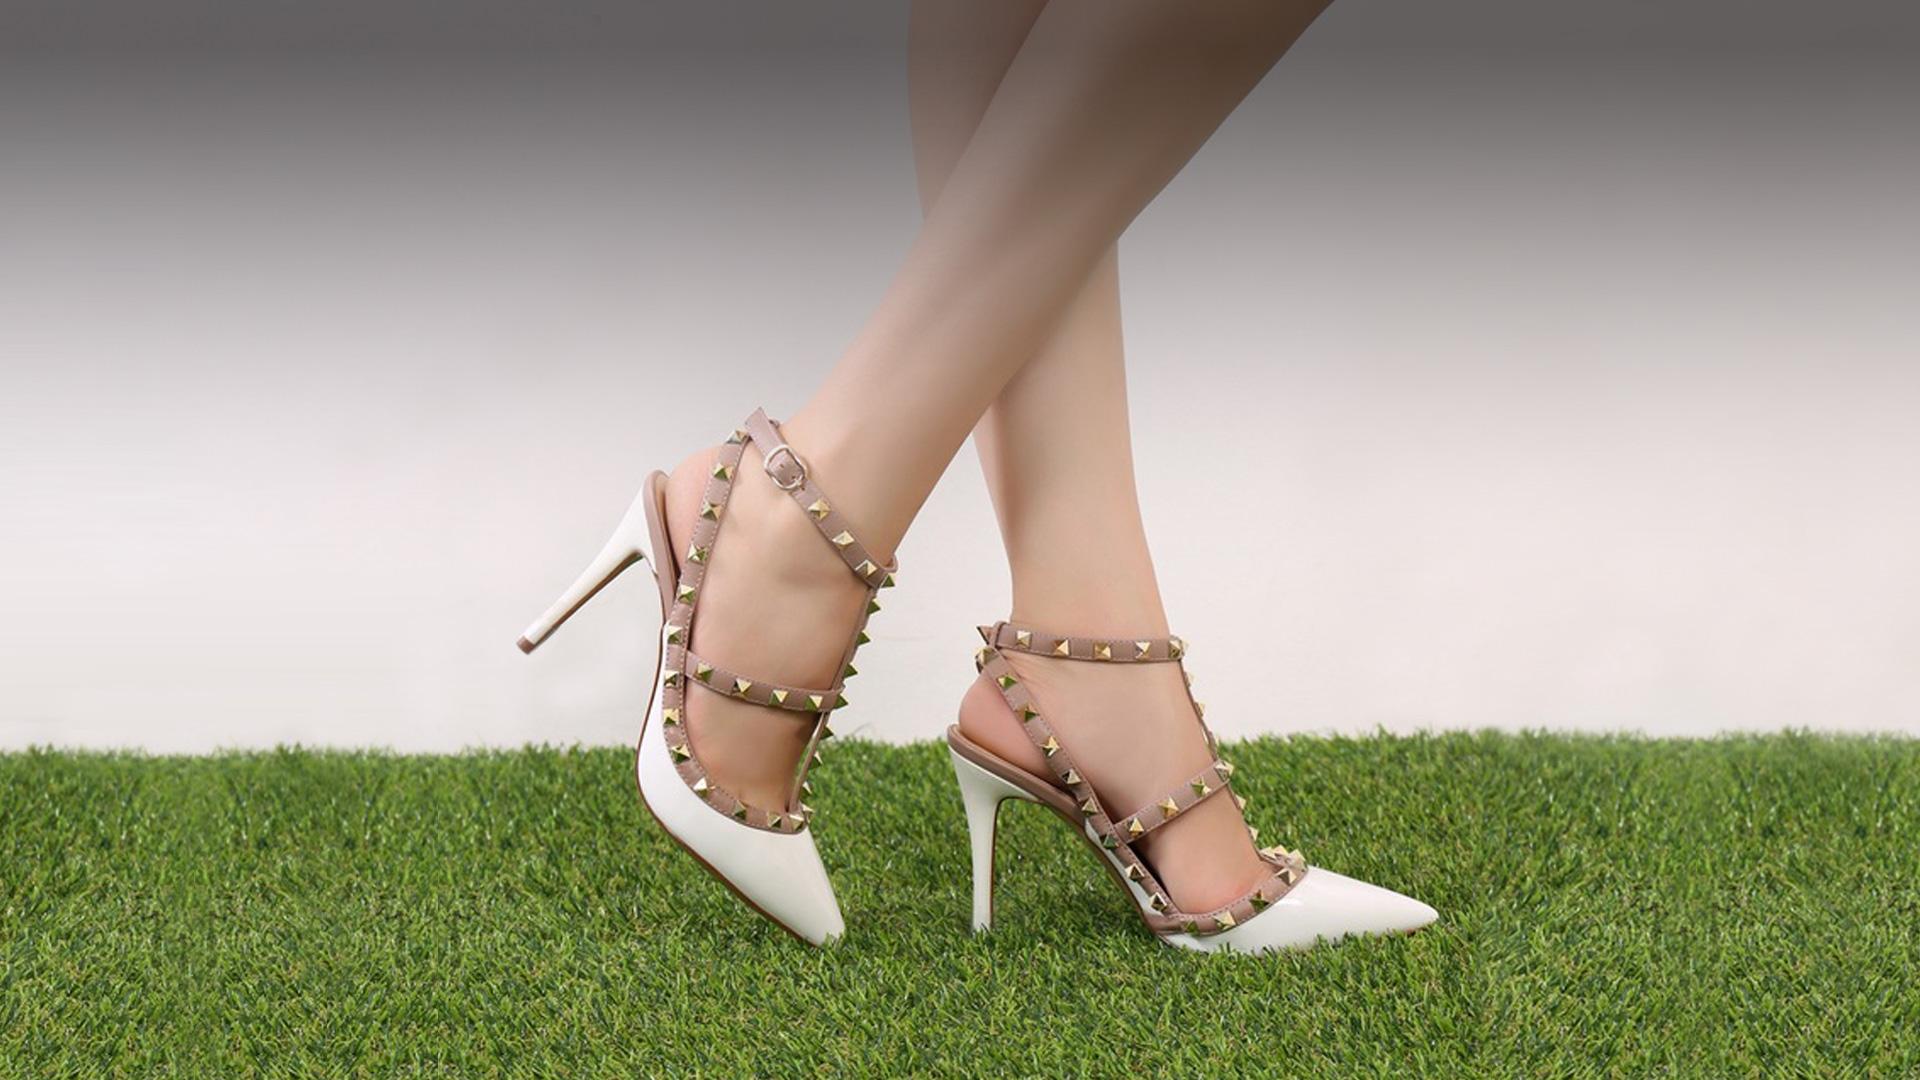 EverGreen erba sintetica per passeggiare